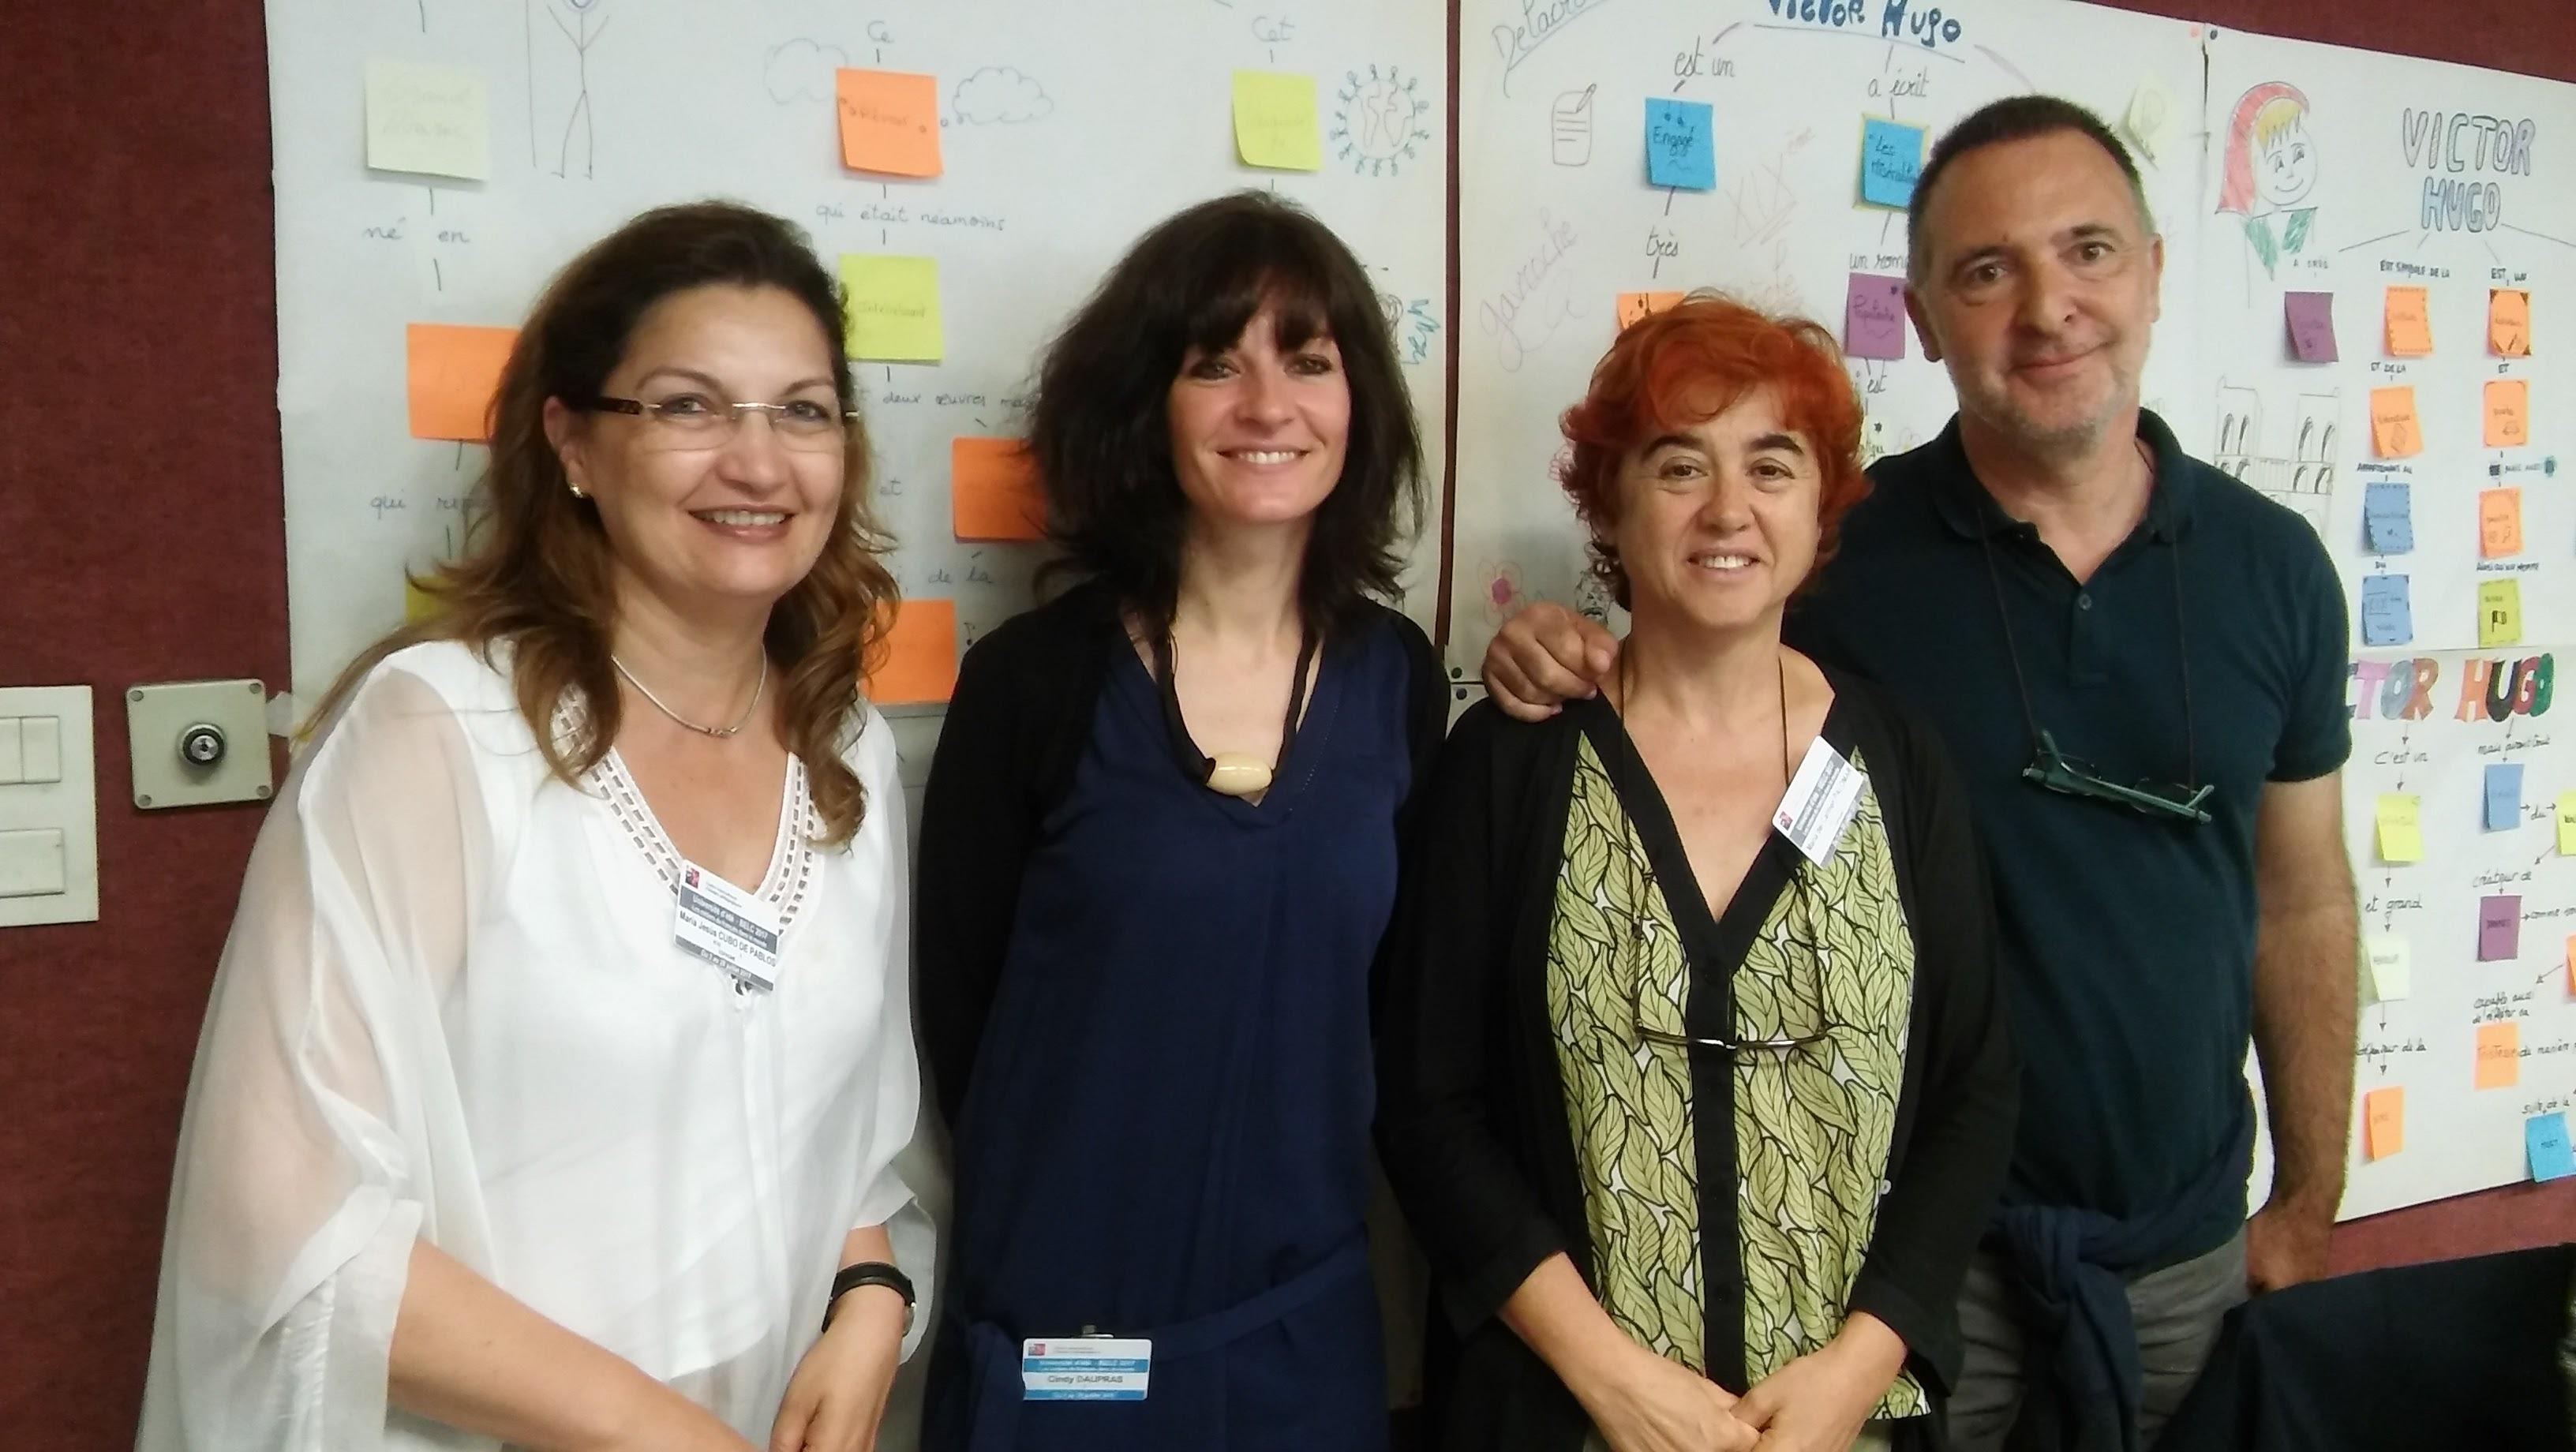 La professeure du module et les participants de l'activité